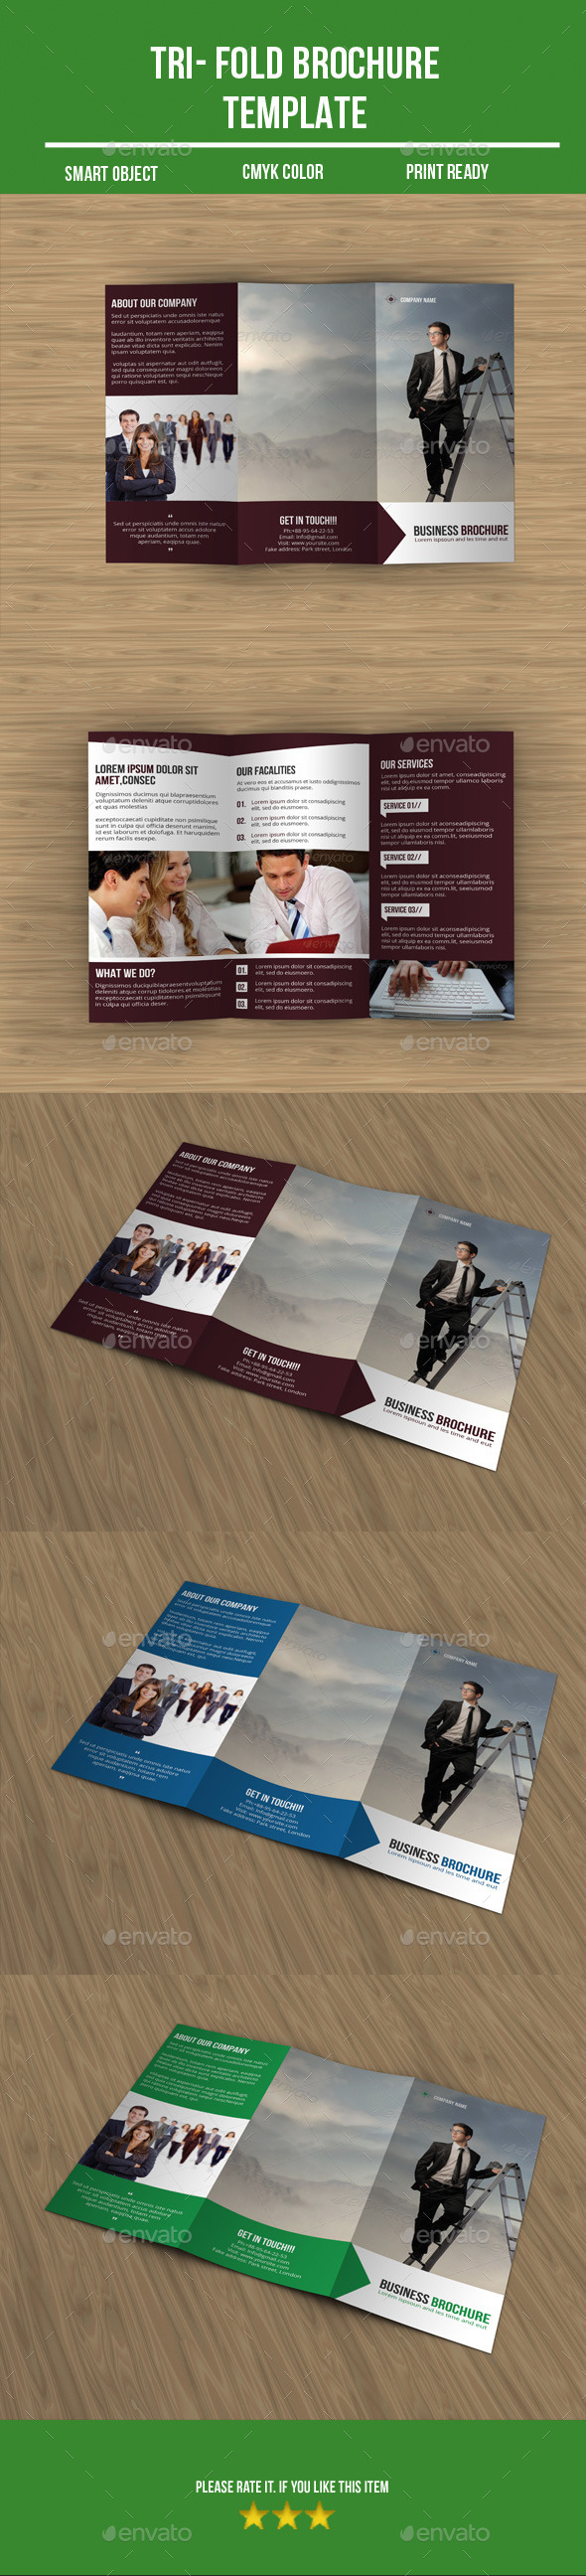 GraphicRiver Tri- Fold Business Brochure 9723077